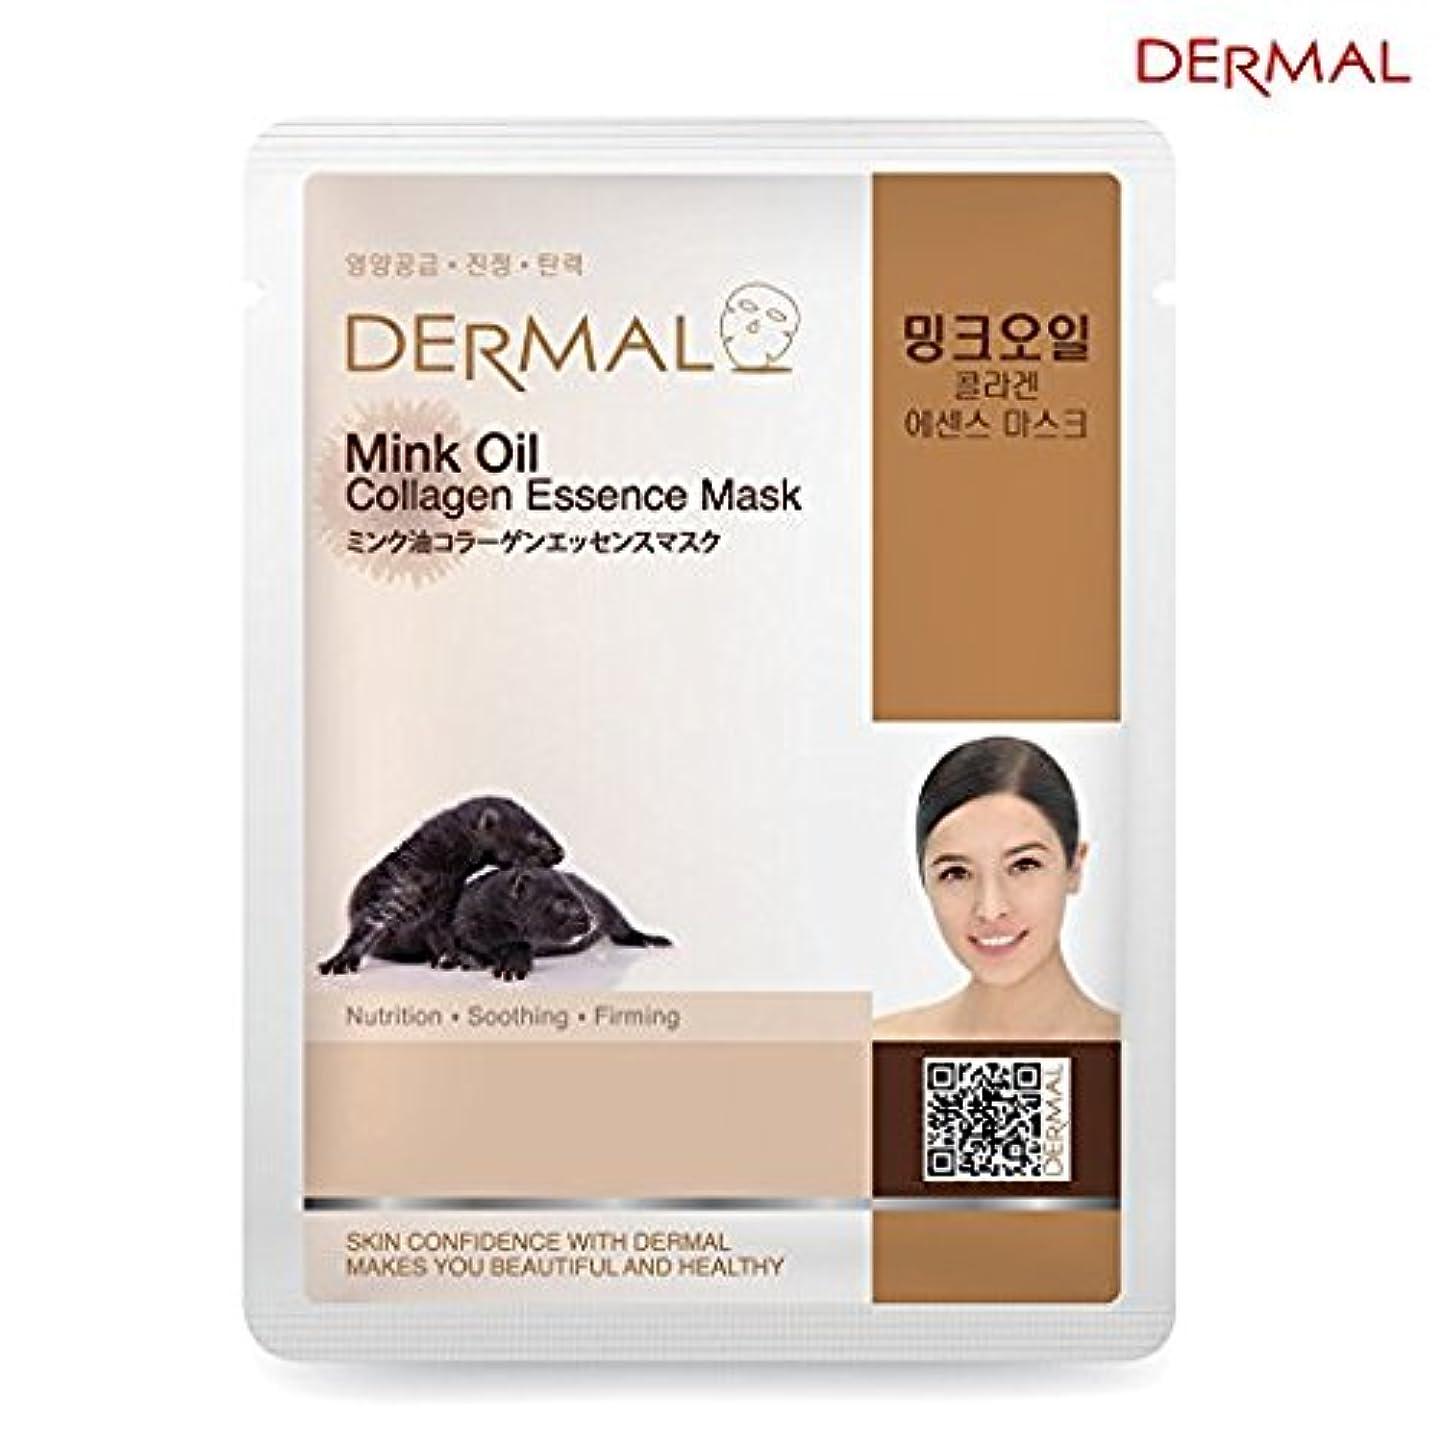 違法厳挑発するシート マスク ミンク油エキス ダーマル Dermal 23g (100枚セット) 韓国コスメ コラーゲンエッセンスマスク フェイス パック